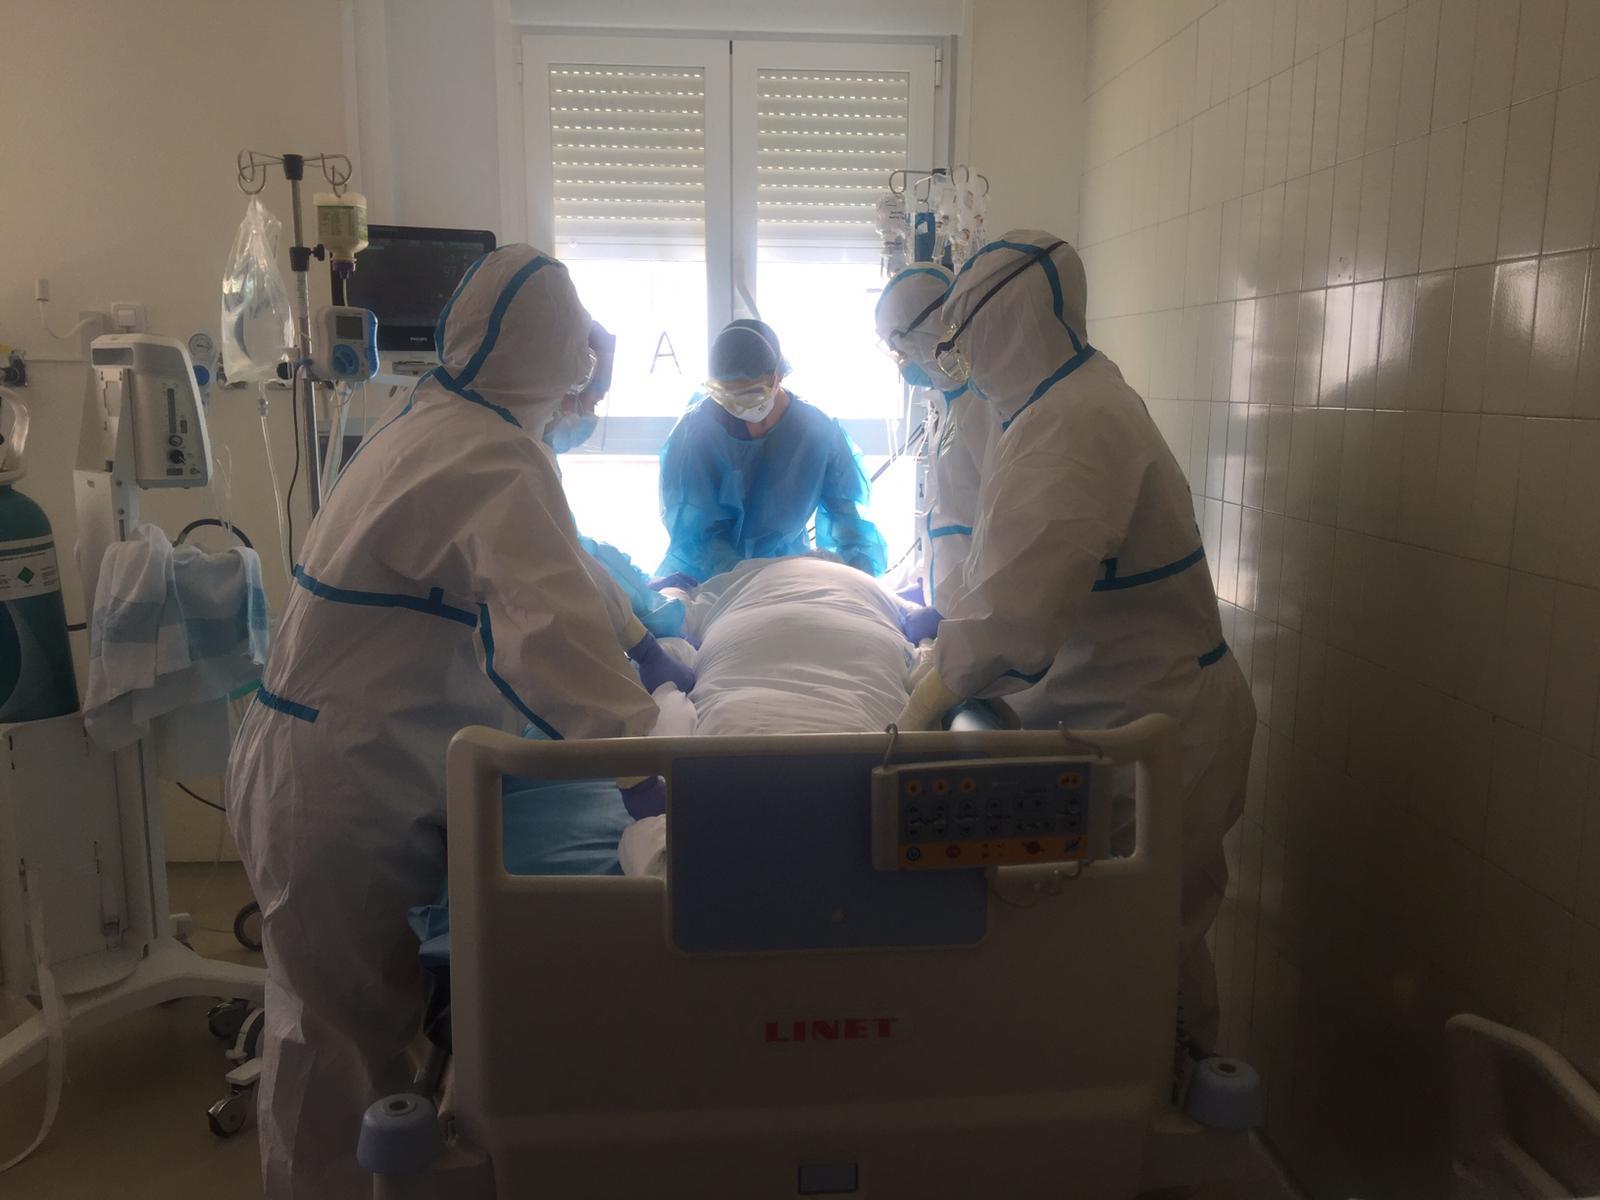 Investigadores de la UGR analizan los efectos que provoca pronar a los pacientes con COVID-19 sometidos a ventilación mecánica en la UCI